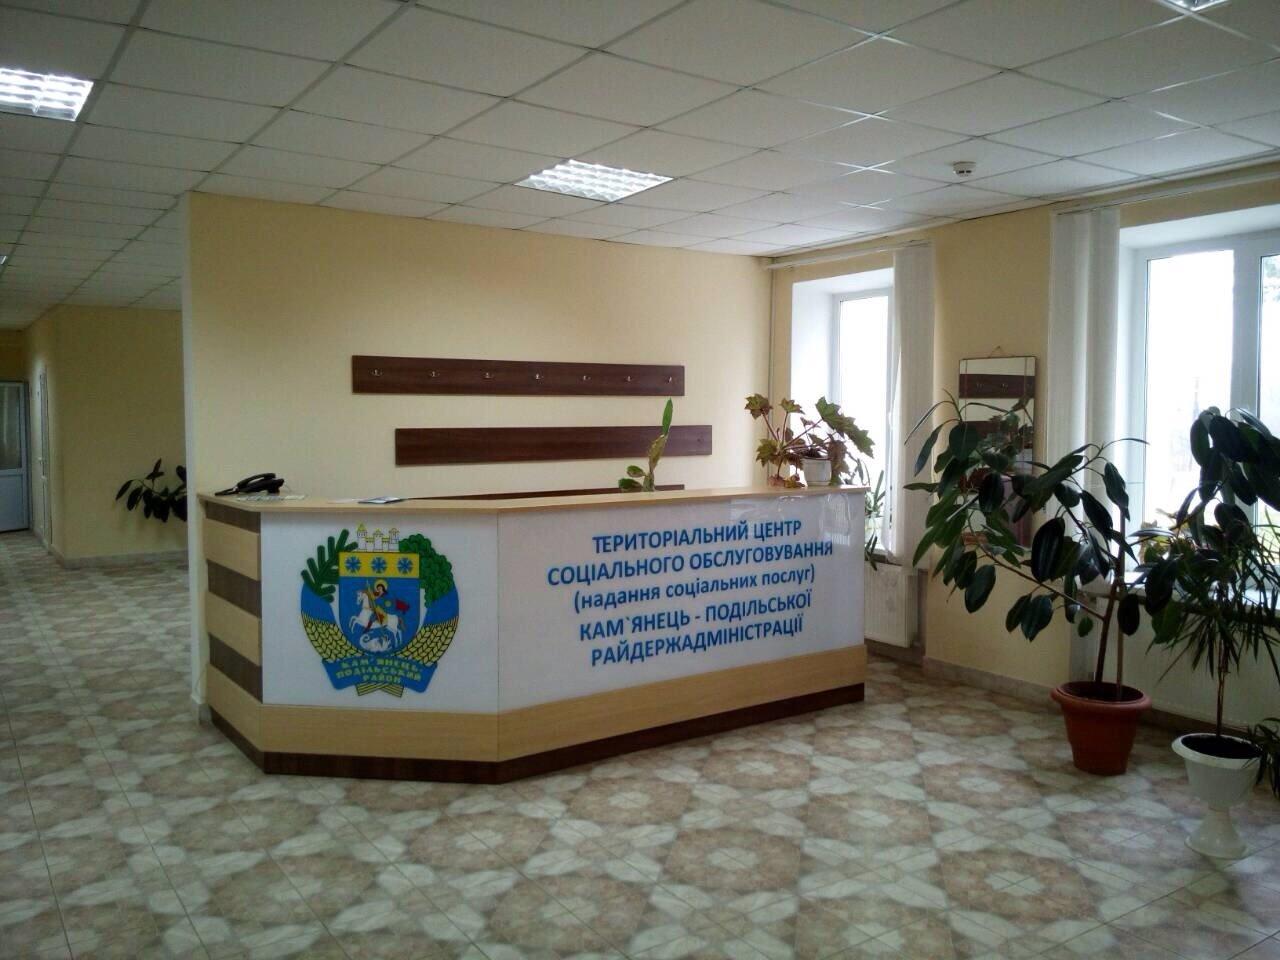 У Старій Ушиці функціонує відділення стаціонарного догляду для тимчасового проживання, фото-1, Фото: Кам'янець-Подільська РДА